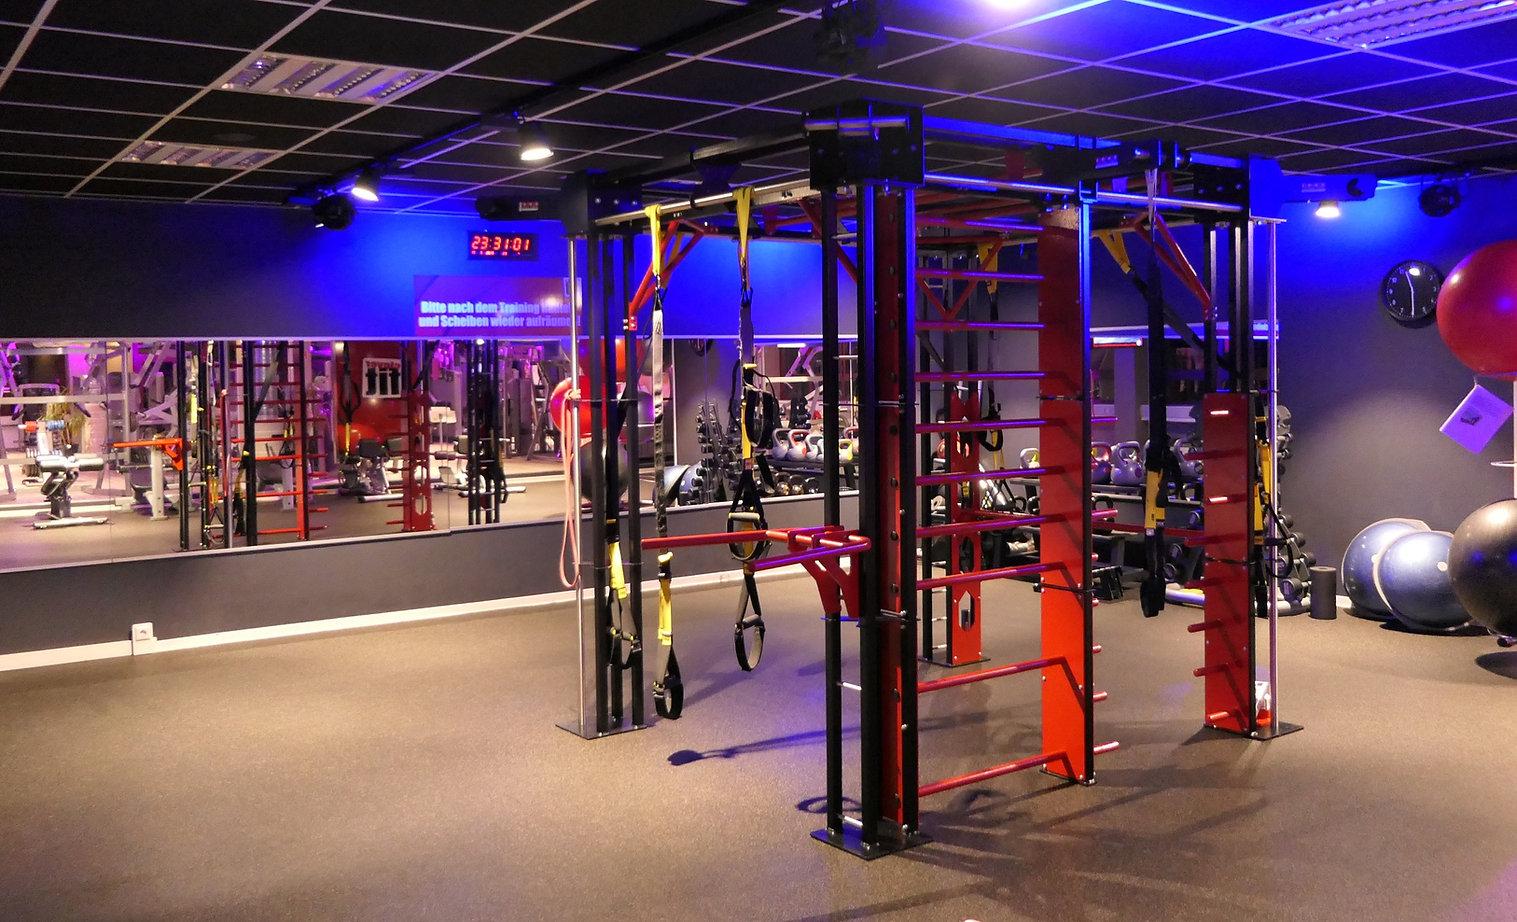 Blick ins Fitnessstudio